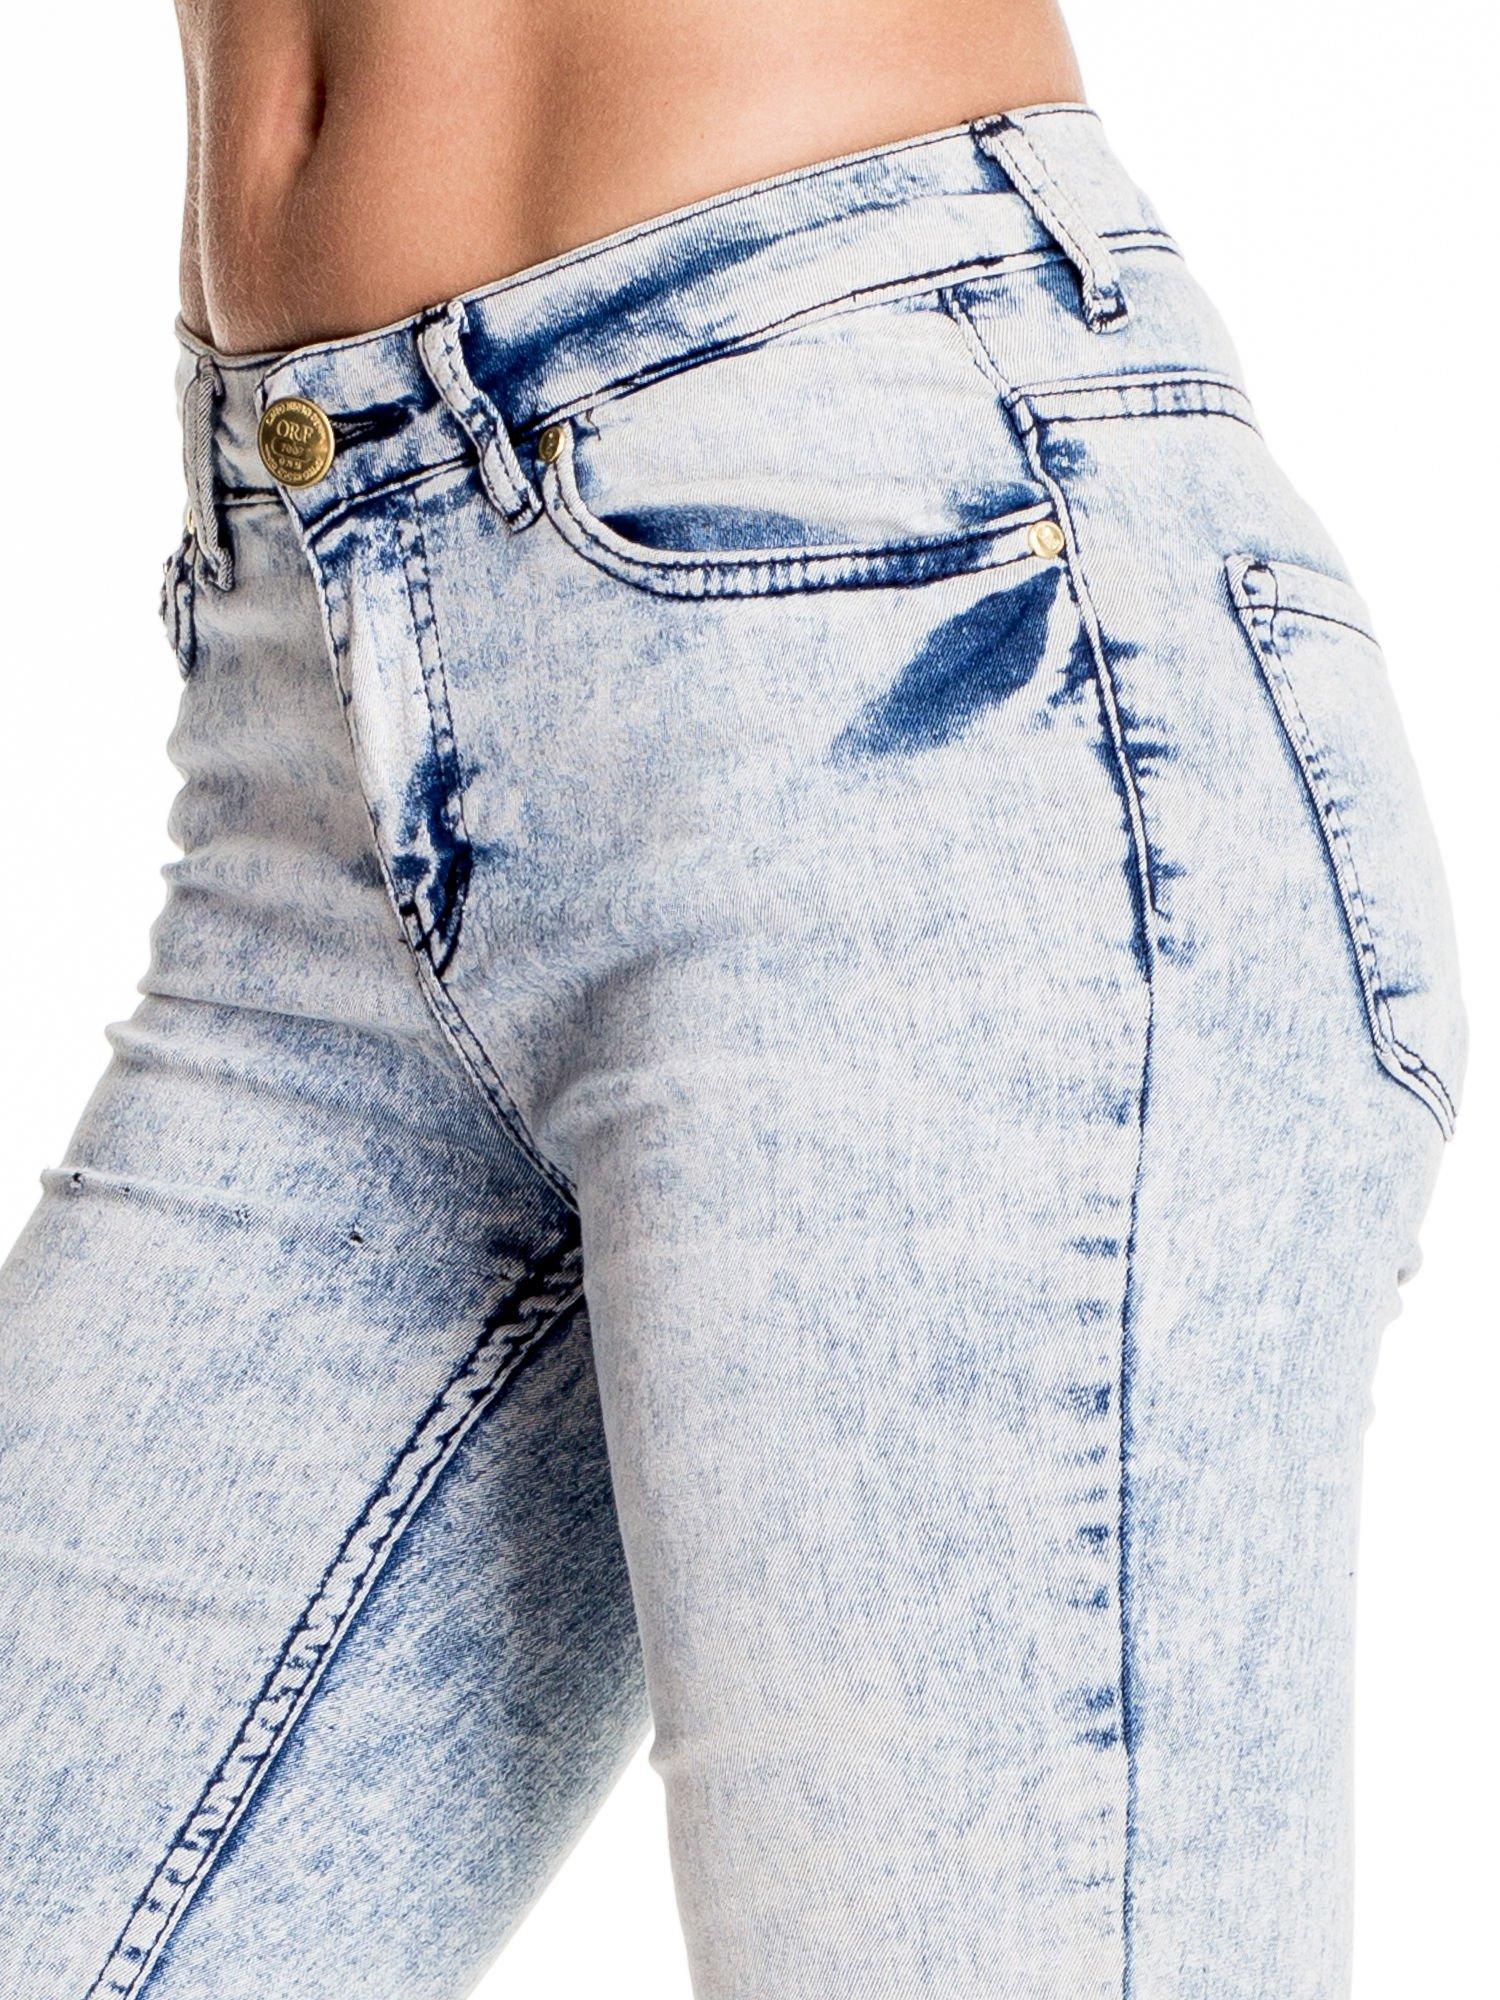 Jasnoniebieskie marmurkowe spodnie skinny jeans z rozdarciami na kolanach                                  zdj.                                  5